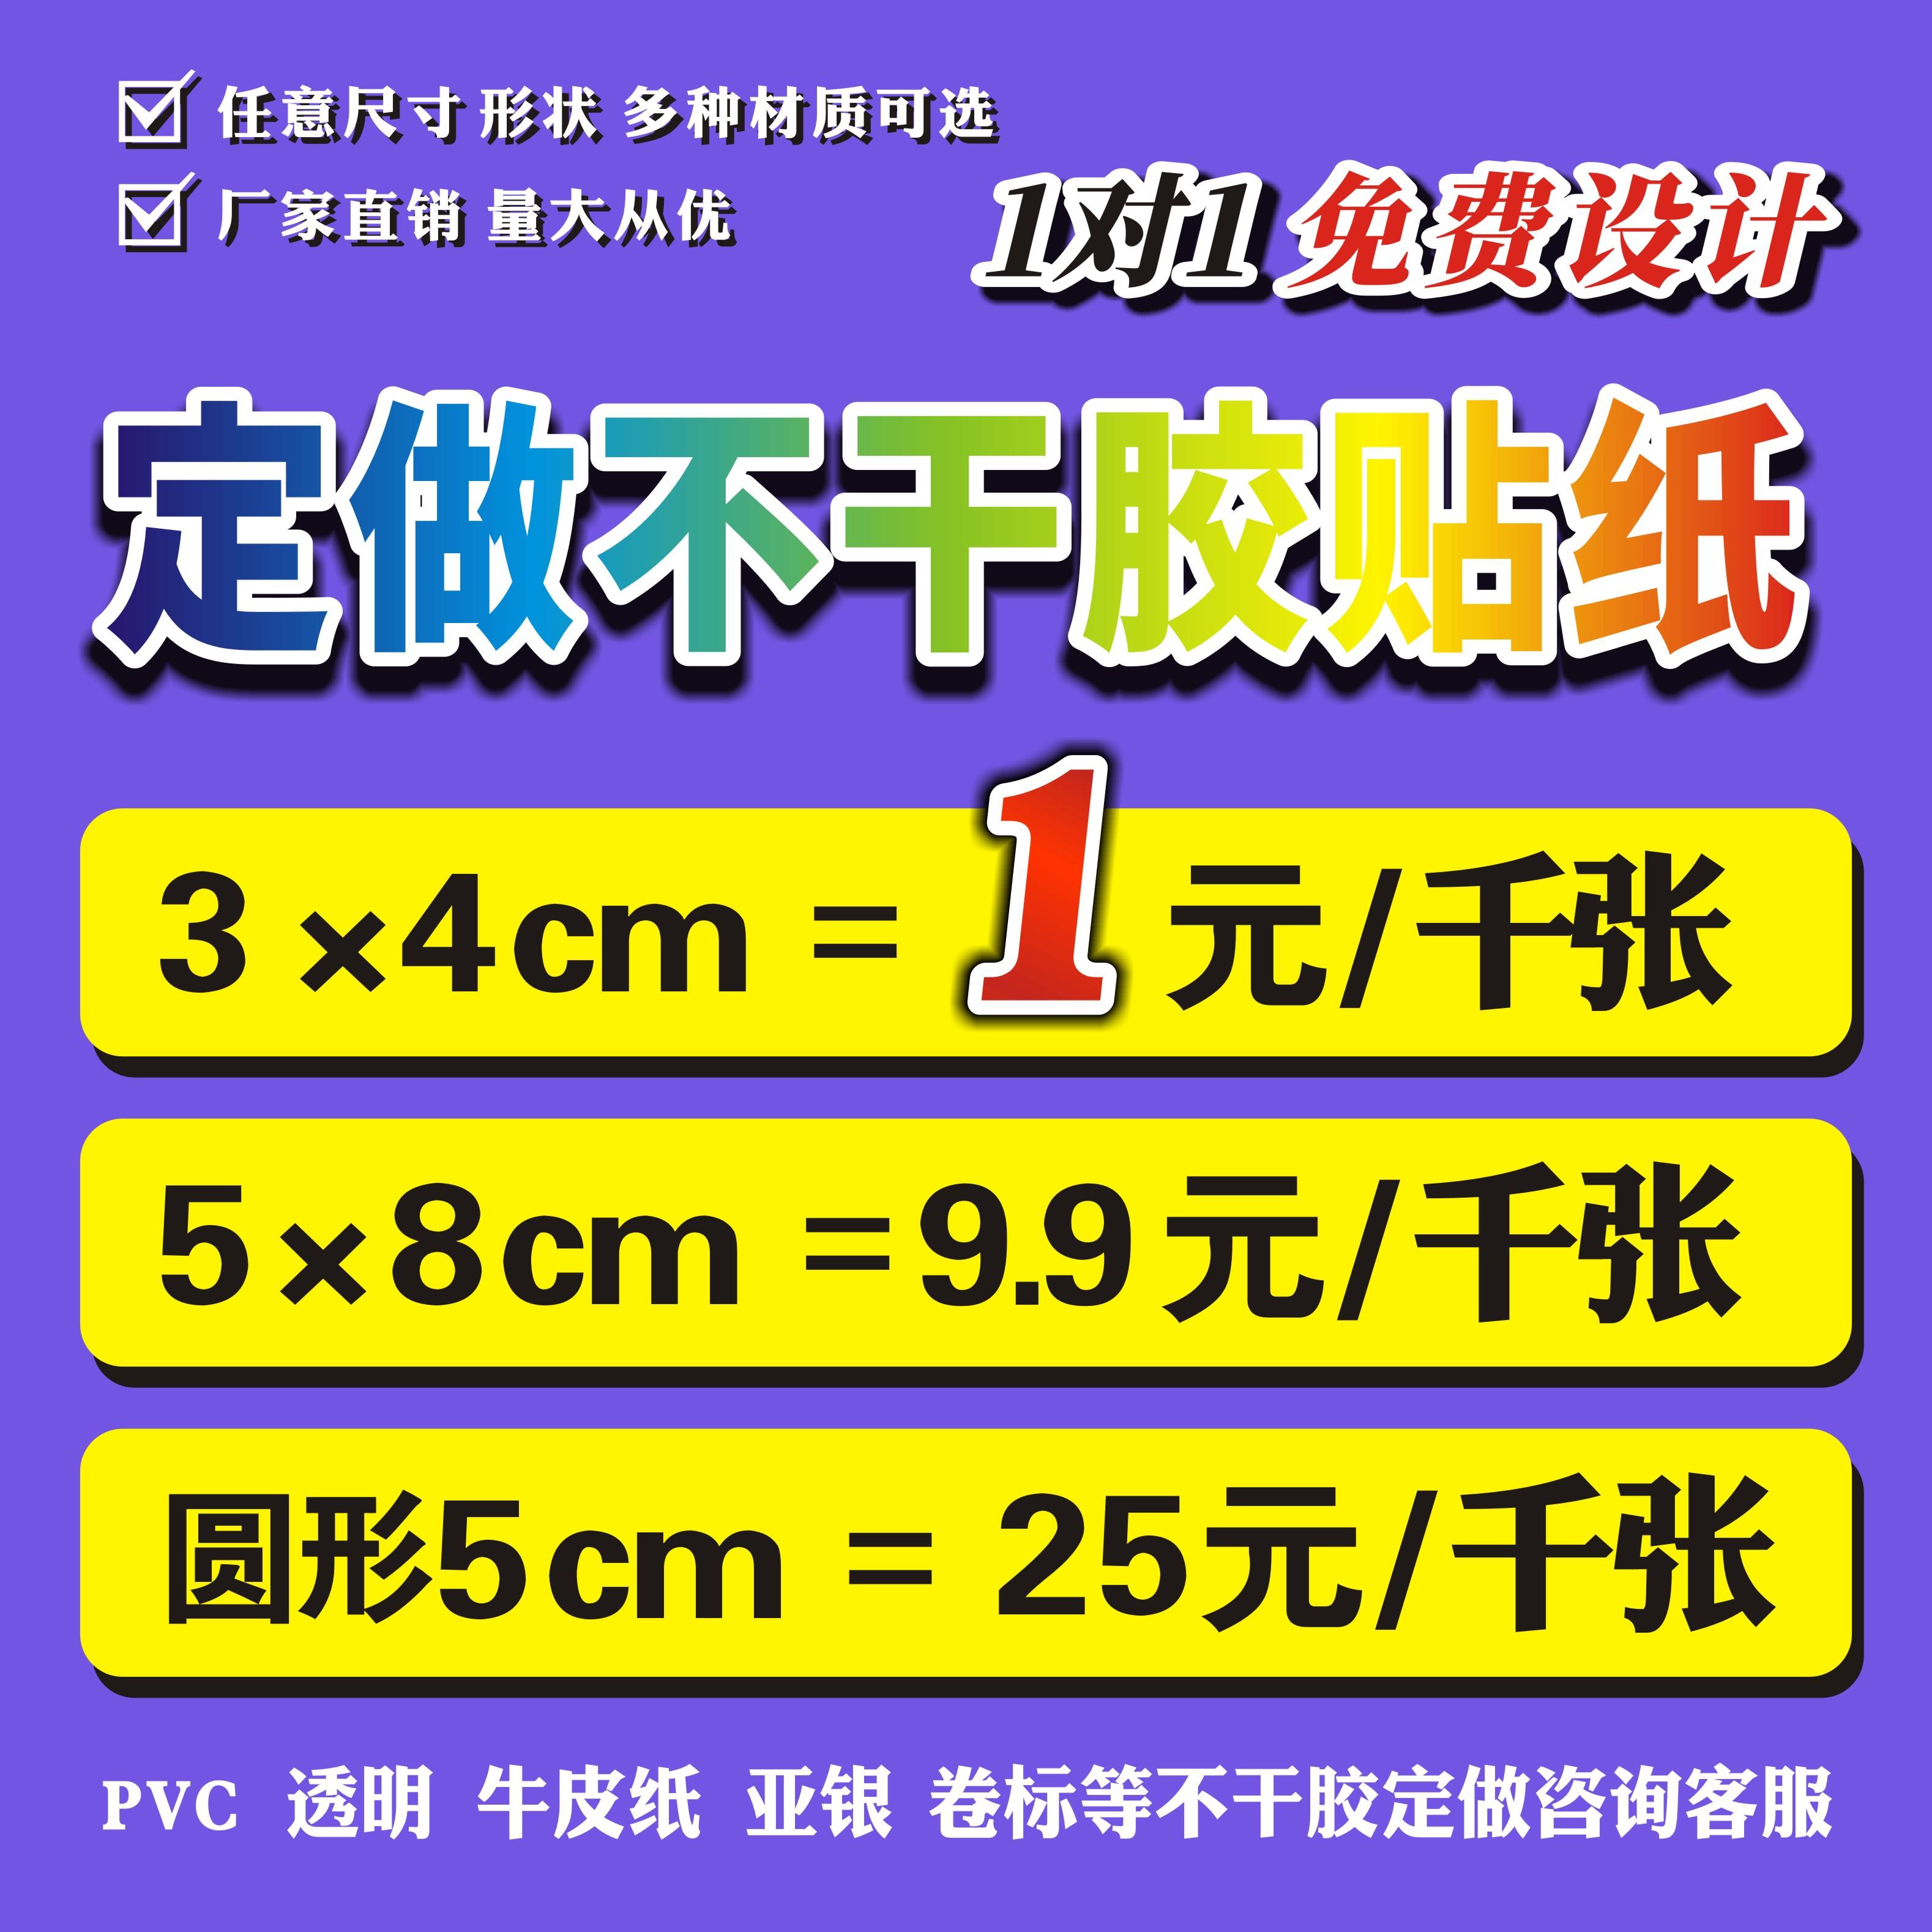 定制不干胶小广告贴纸印刷 定做牛皮纸商标logo圆形封口贴卷筒标签设计彩色透明PVC二维码海报楼层贴合格证